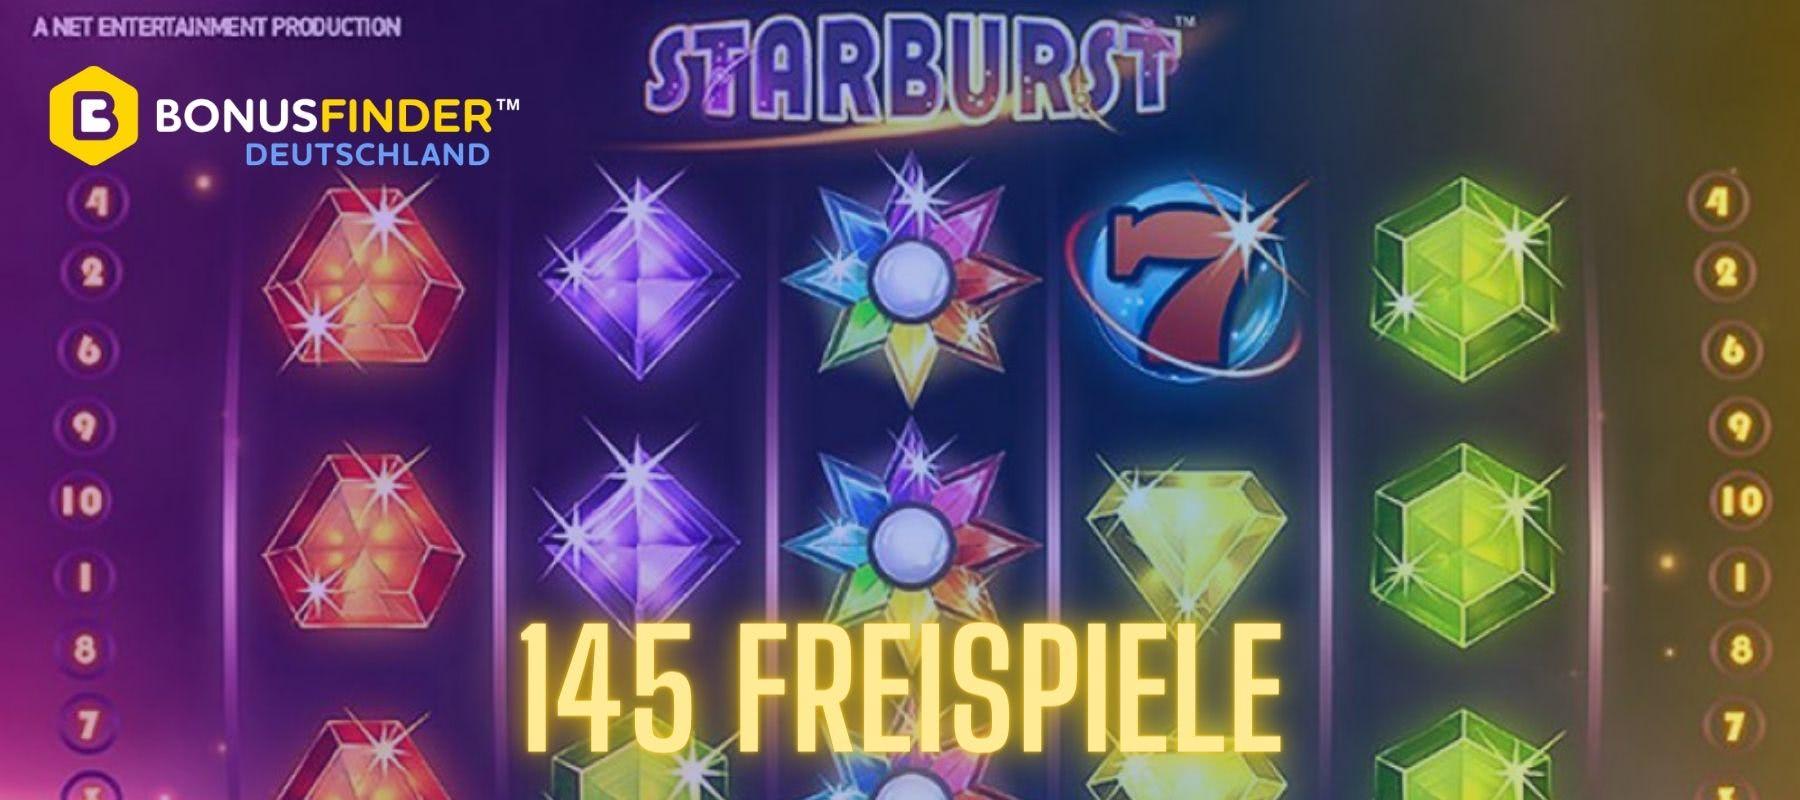 50 free spins starburst